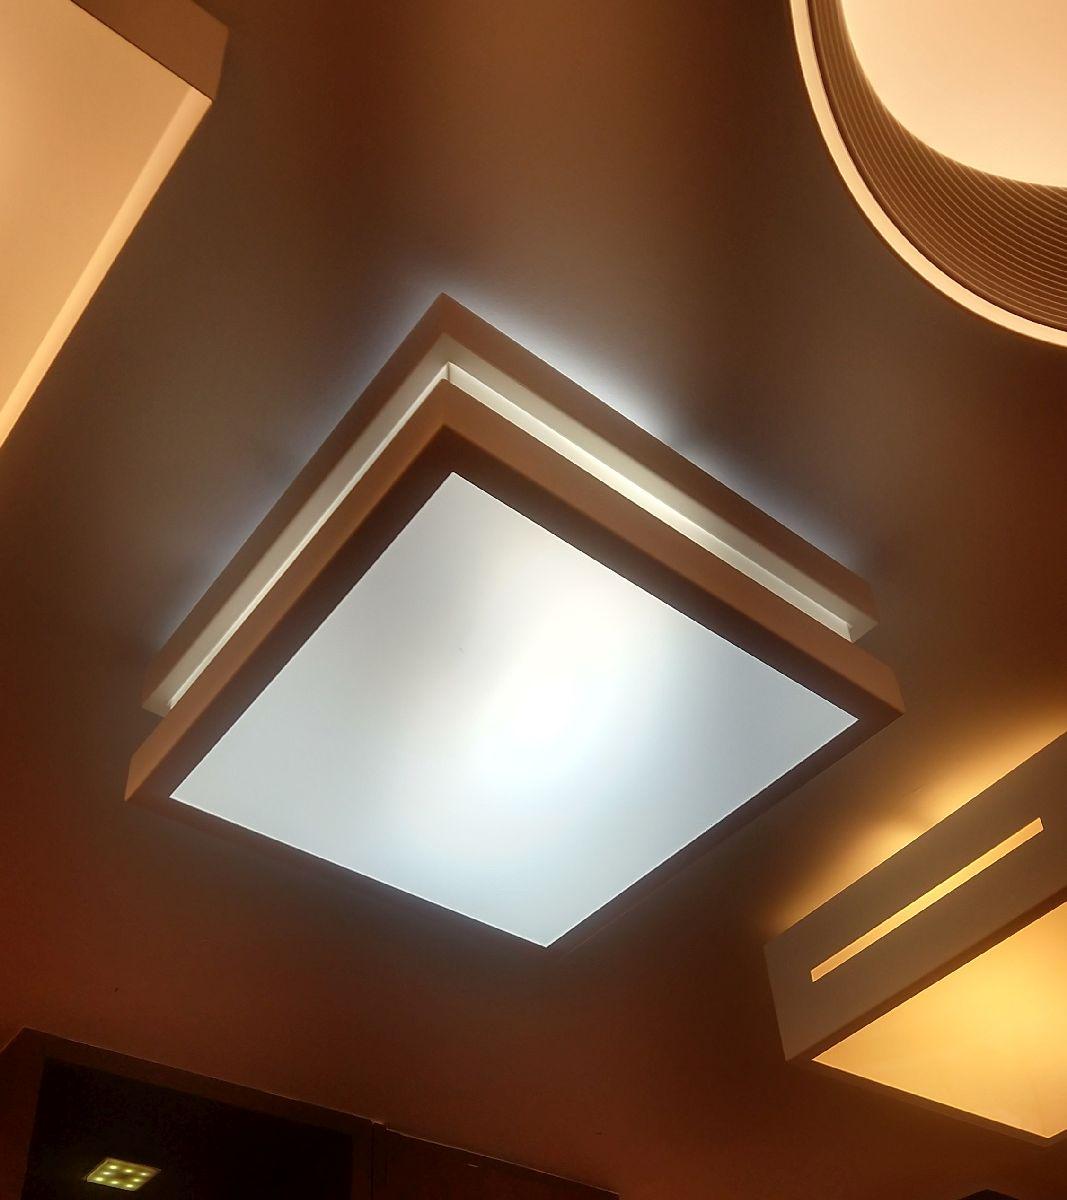 Plafon Moderno Modular 50x50cm Branco Para Sala Mesa Cozinha Quarto Escritório